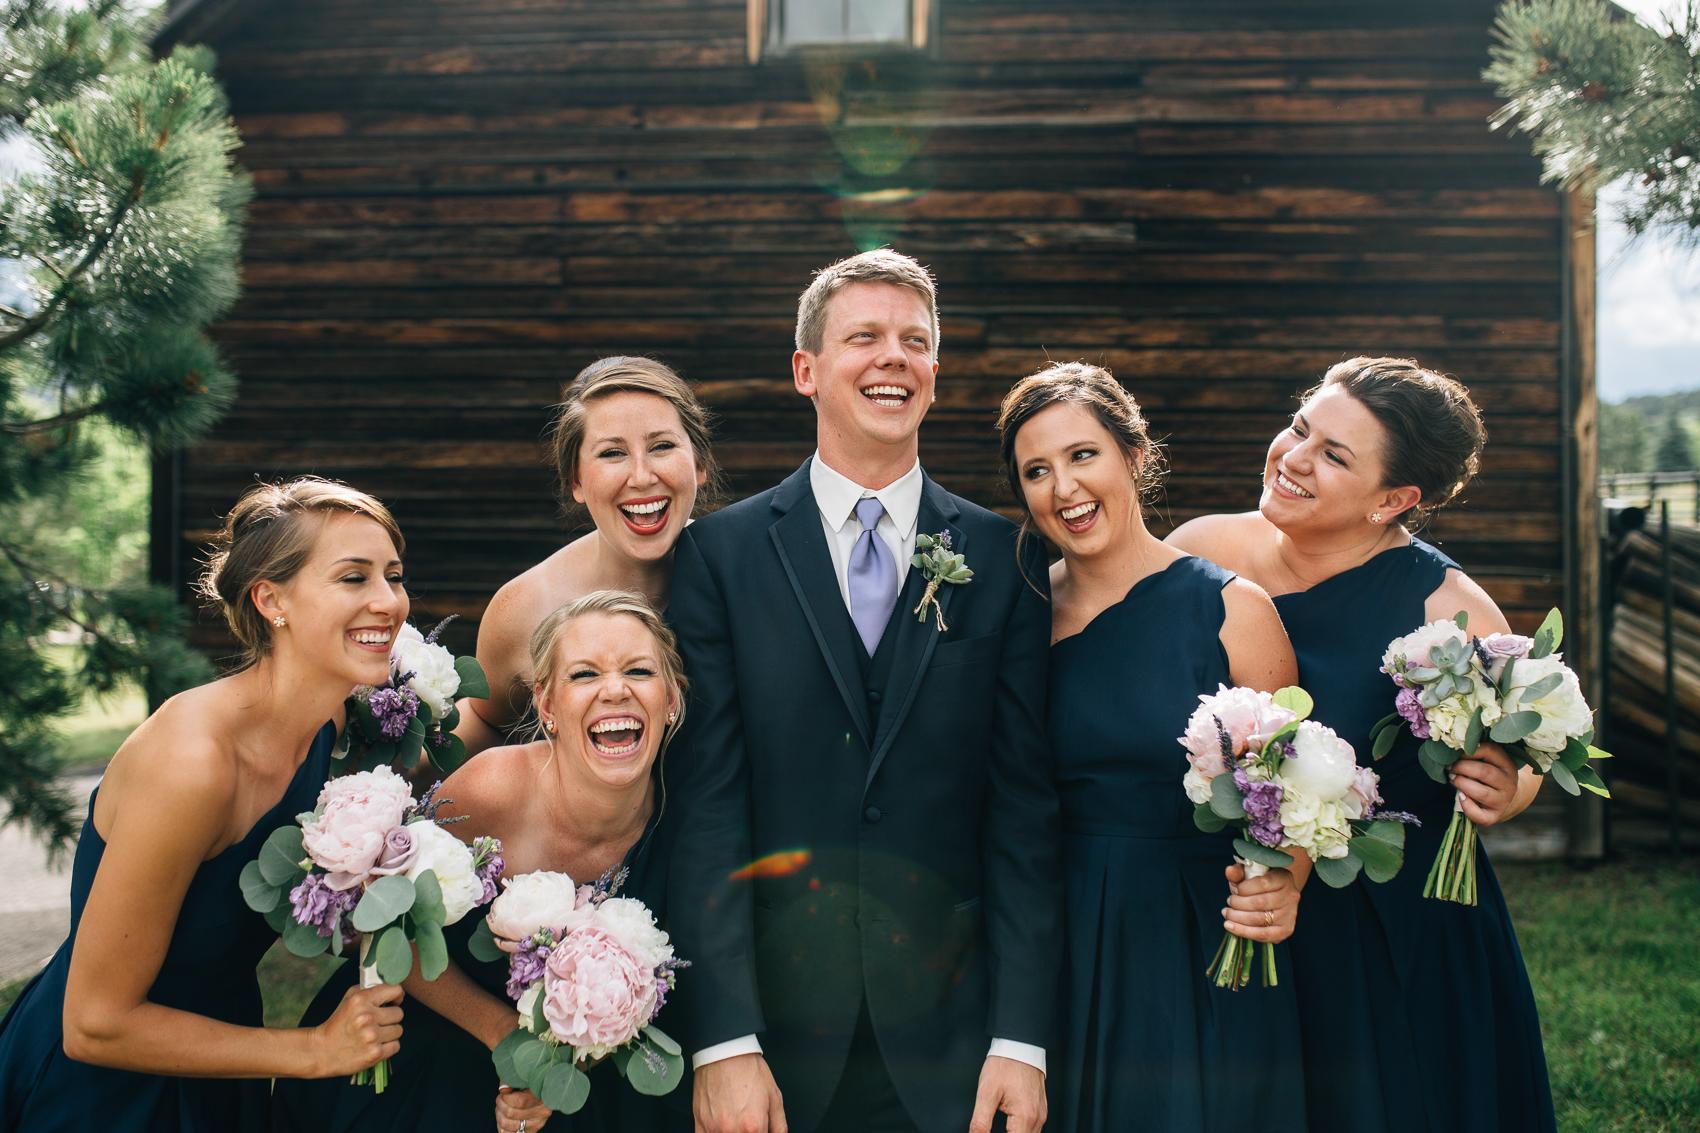 weddings-fth-1.jpg